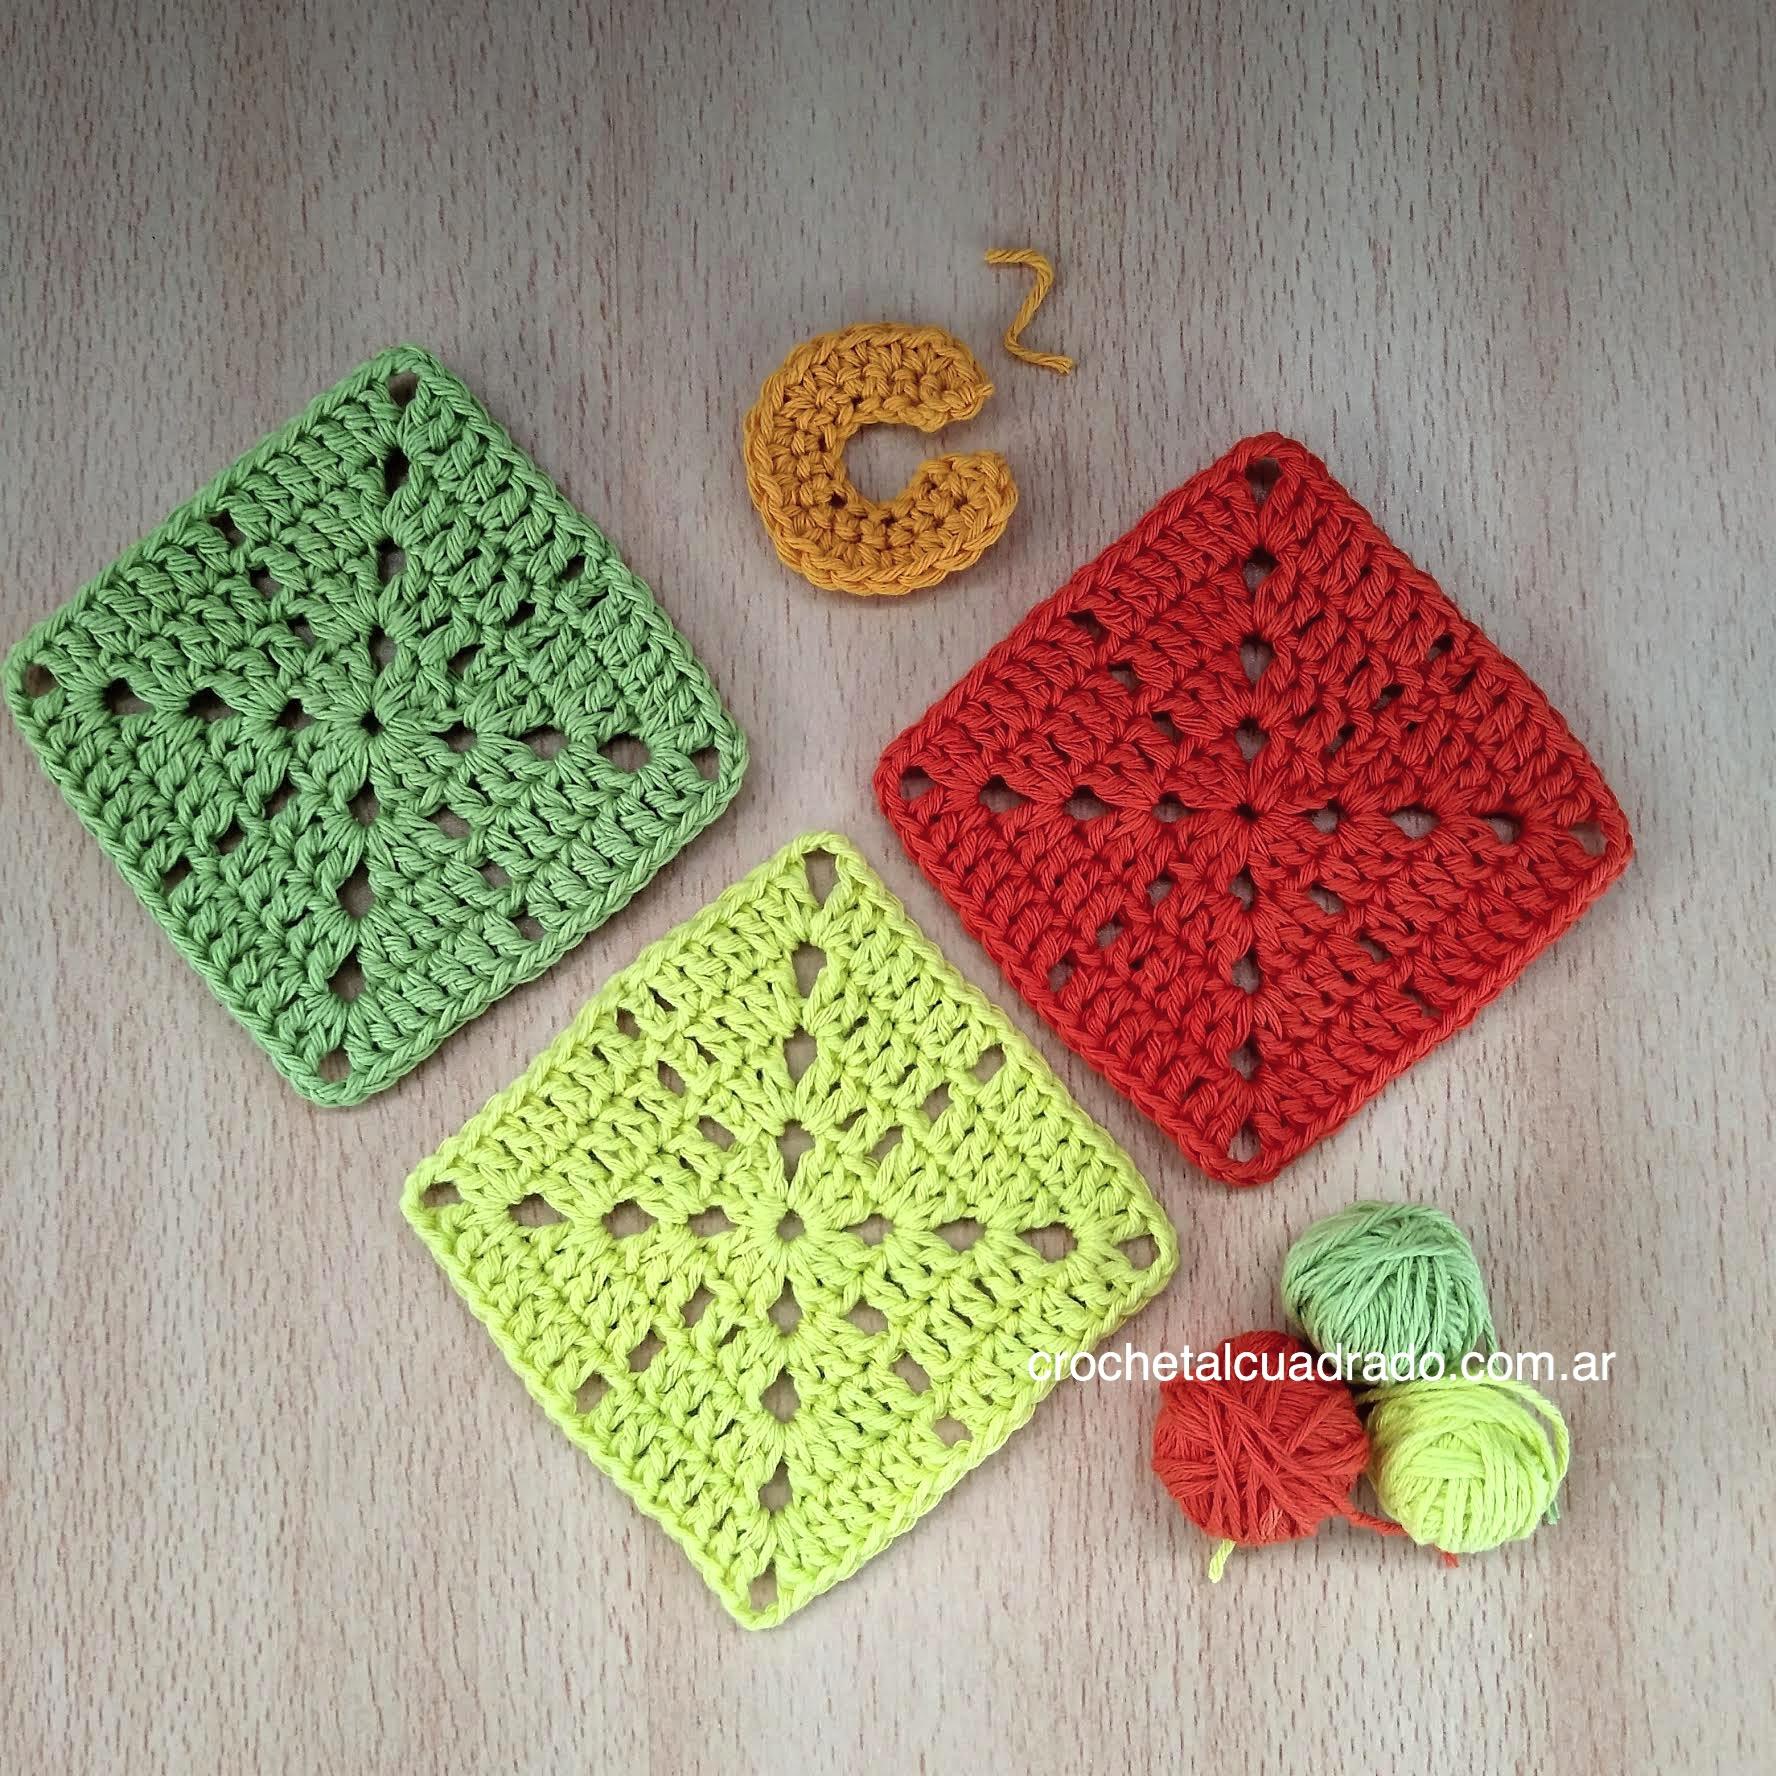 cuadrado al crochet semi compacto